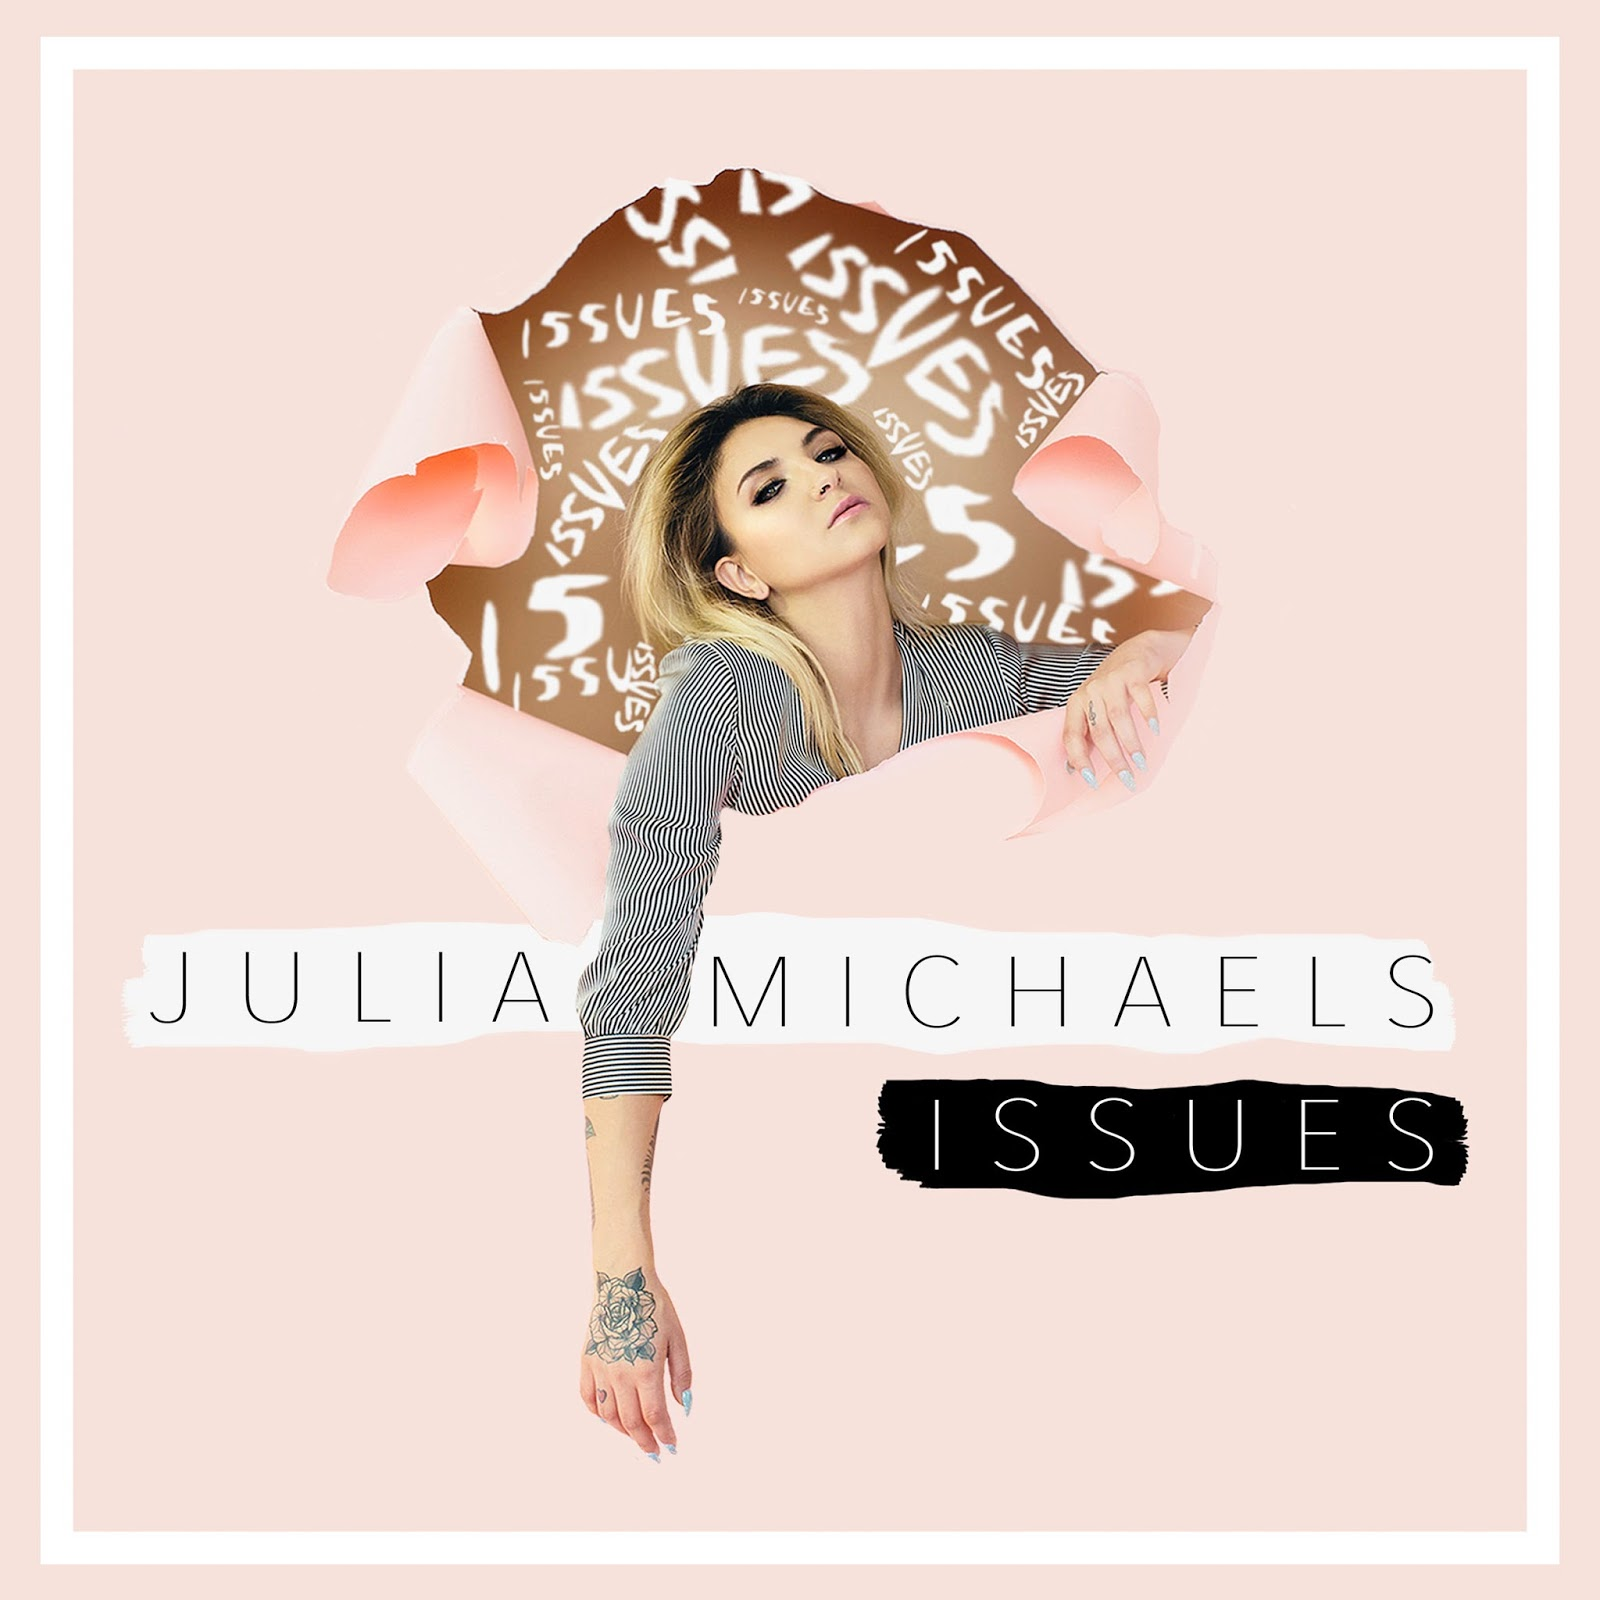 Lirik Lagu Dan Kunci Gitar Julia Michaels